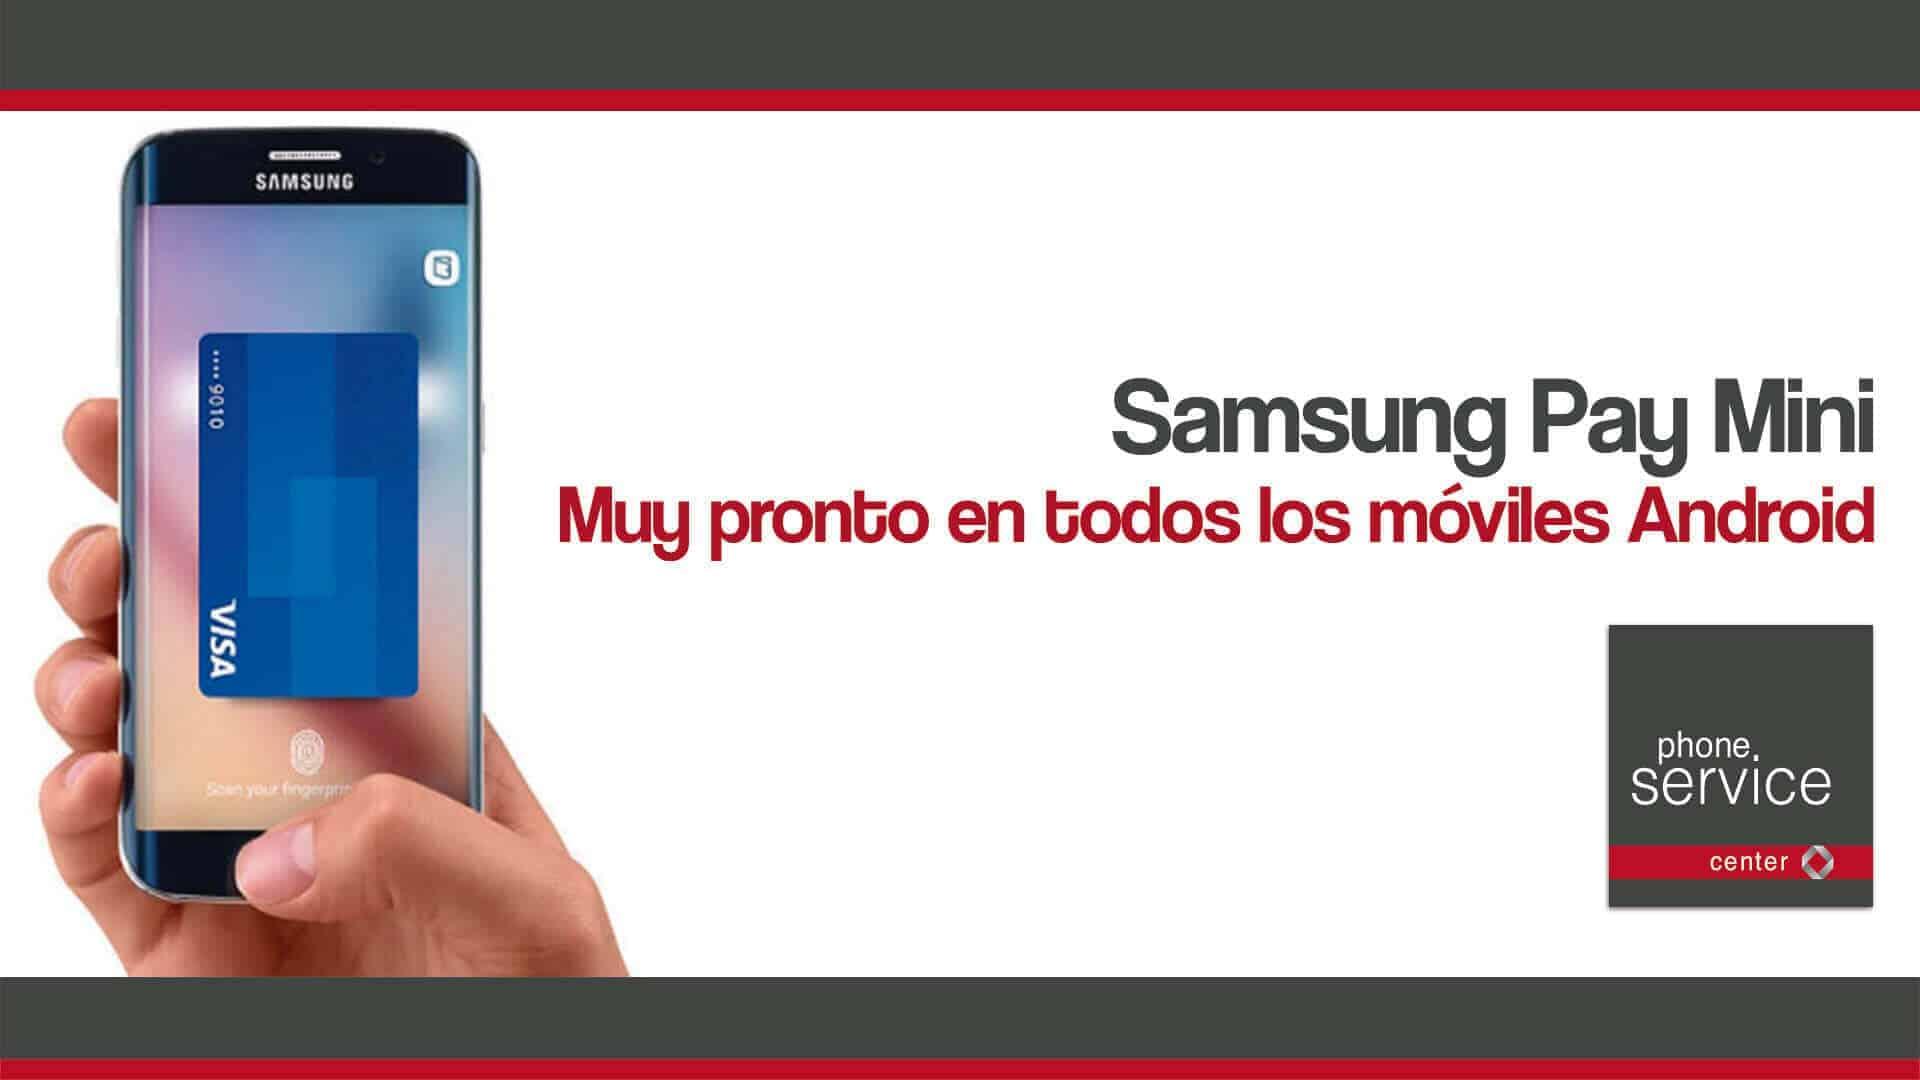 Samsung Pay Mini muy pronto en todos los moviles Android